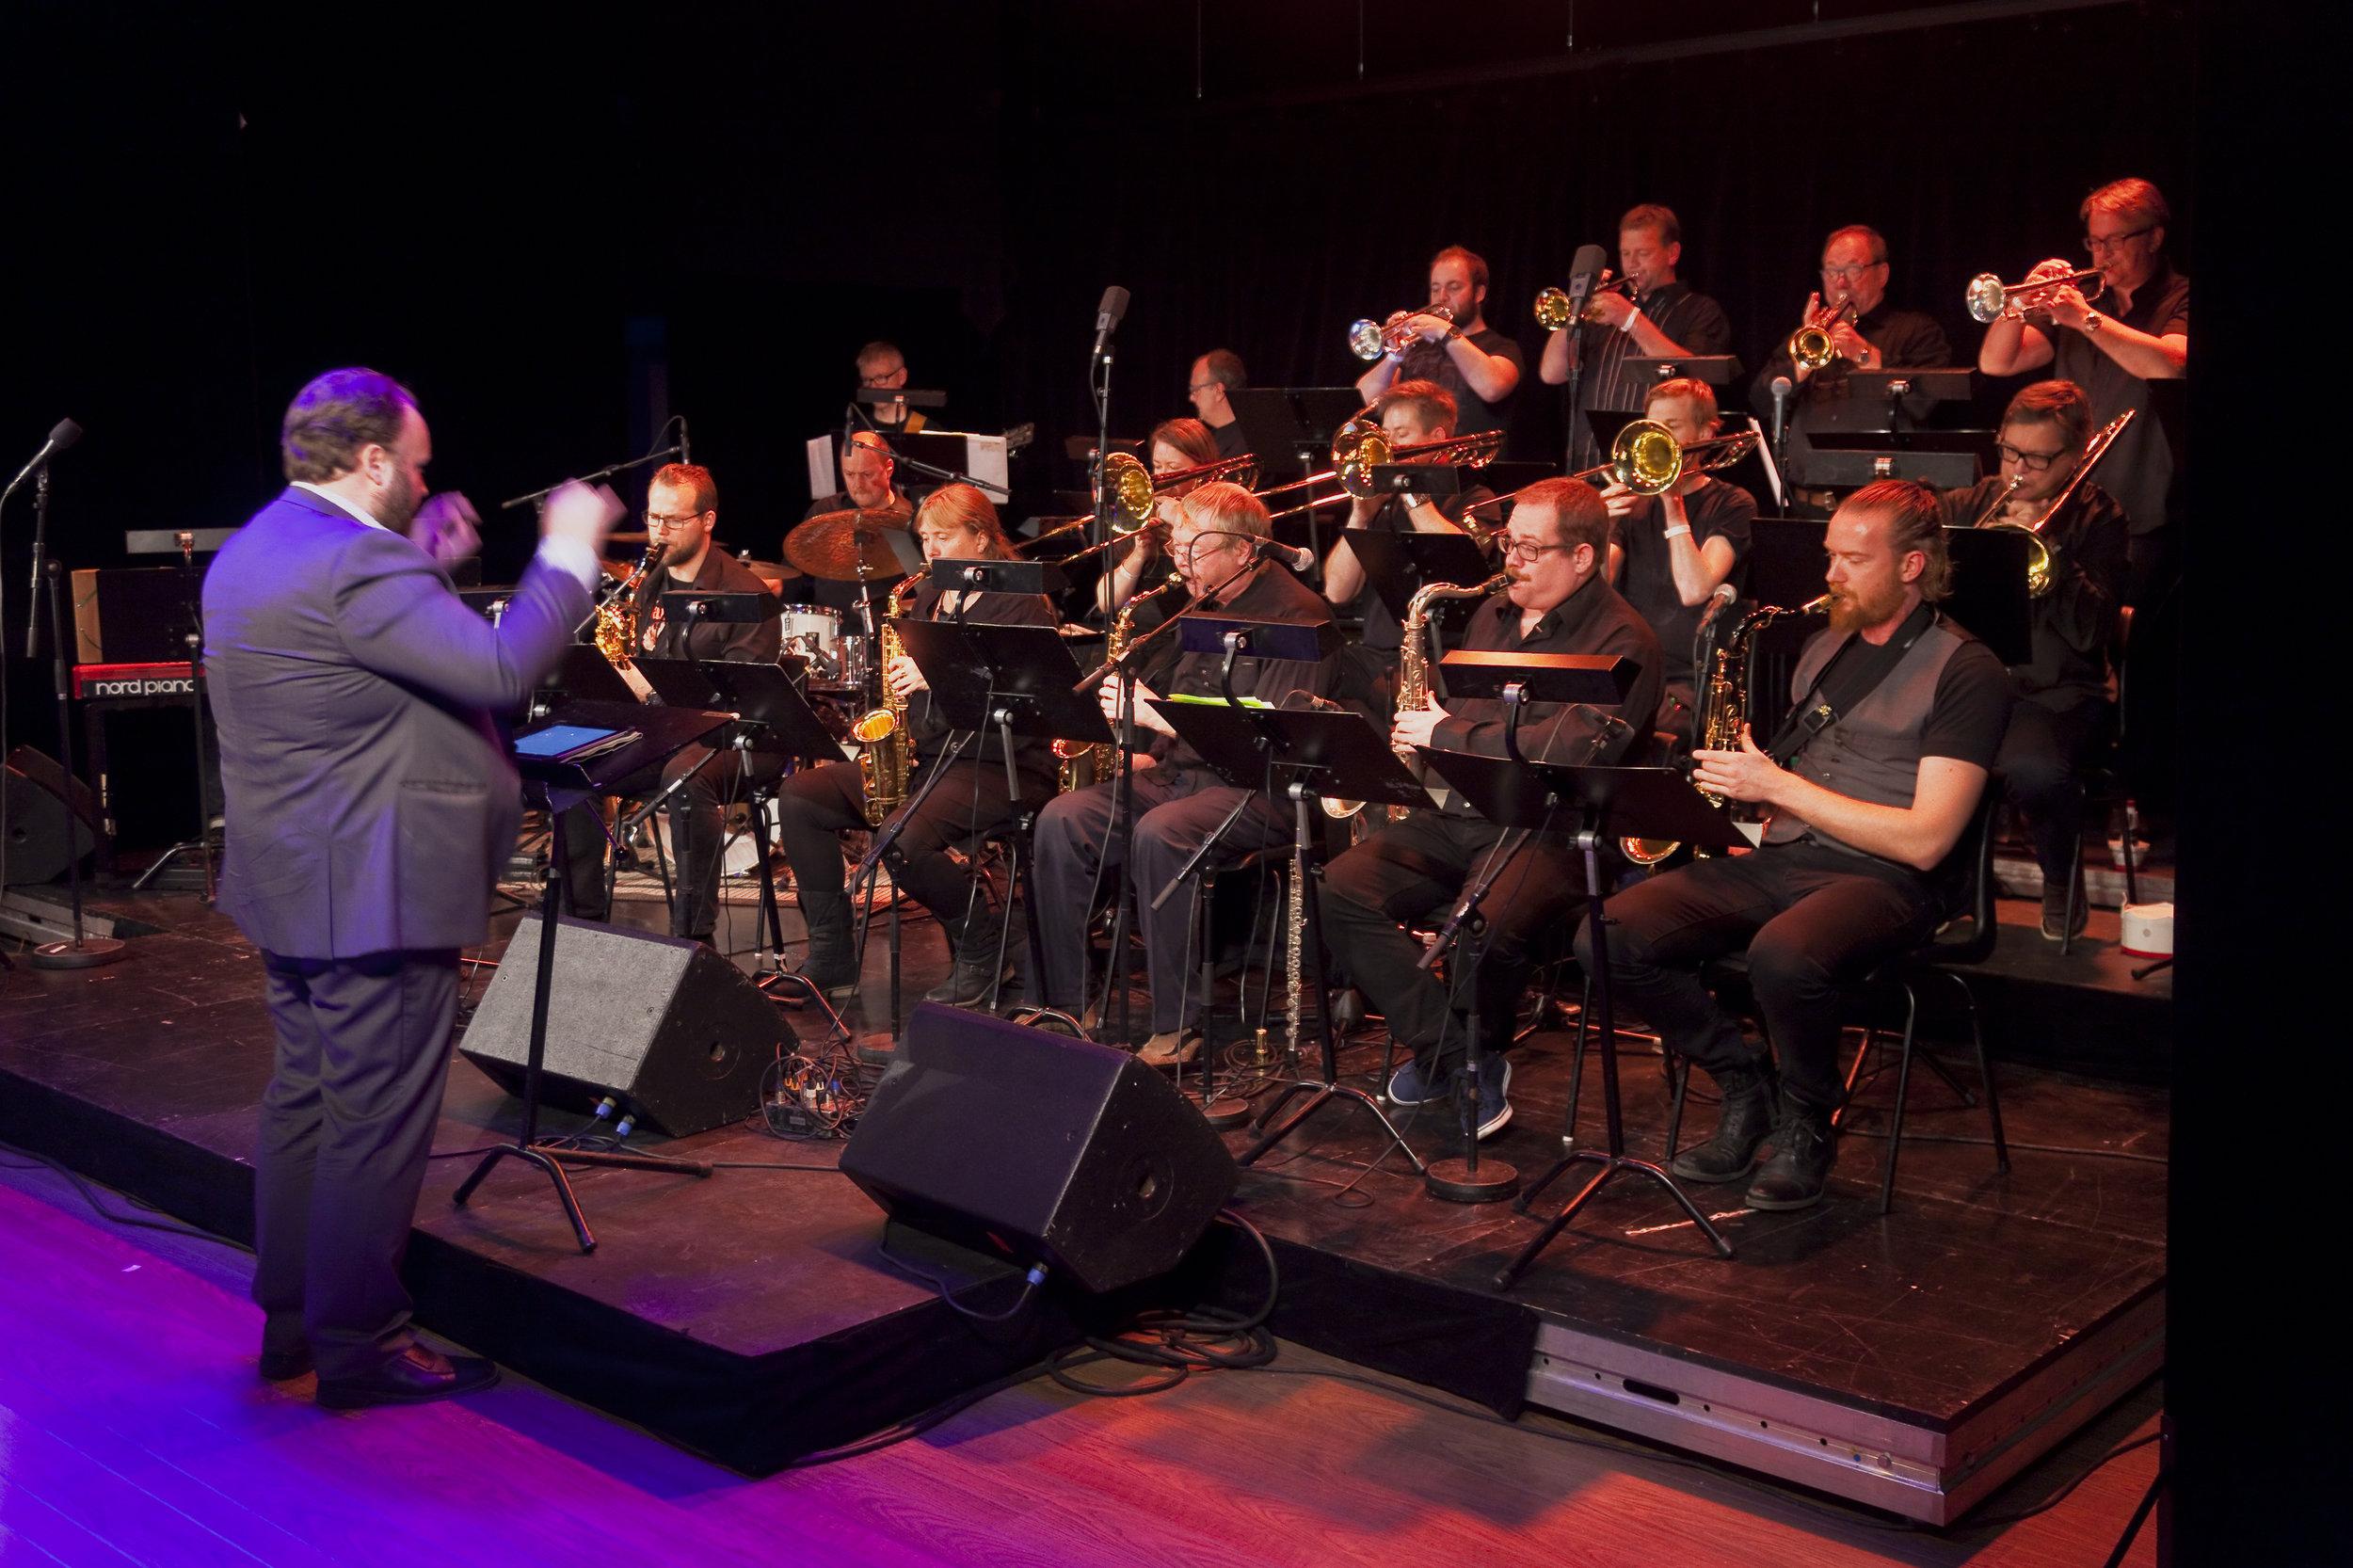 Romsås Storband med Richard Johnsen i front på Romerike Storbandfestival 2015. Foto: Halvor Gudim